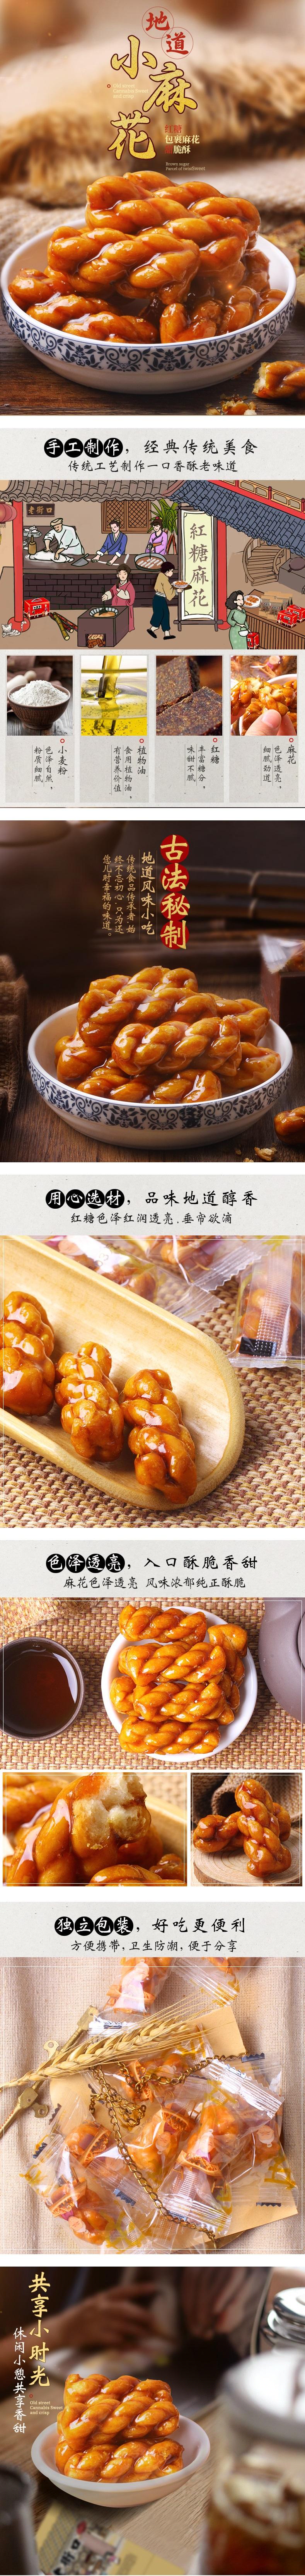 天津特产  老街口红糖麻花网红零食点心小辫蜜麻花香酥传统手工糕点500克